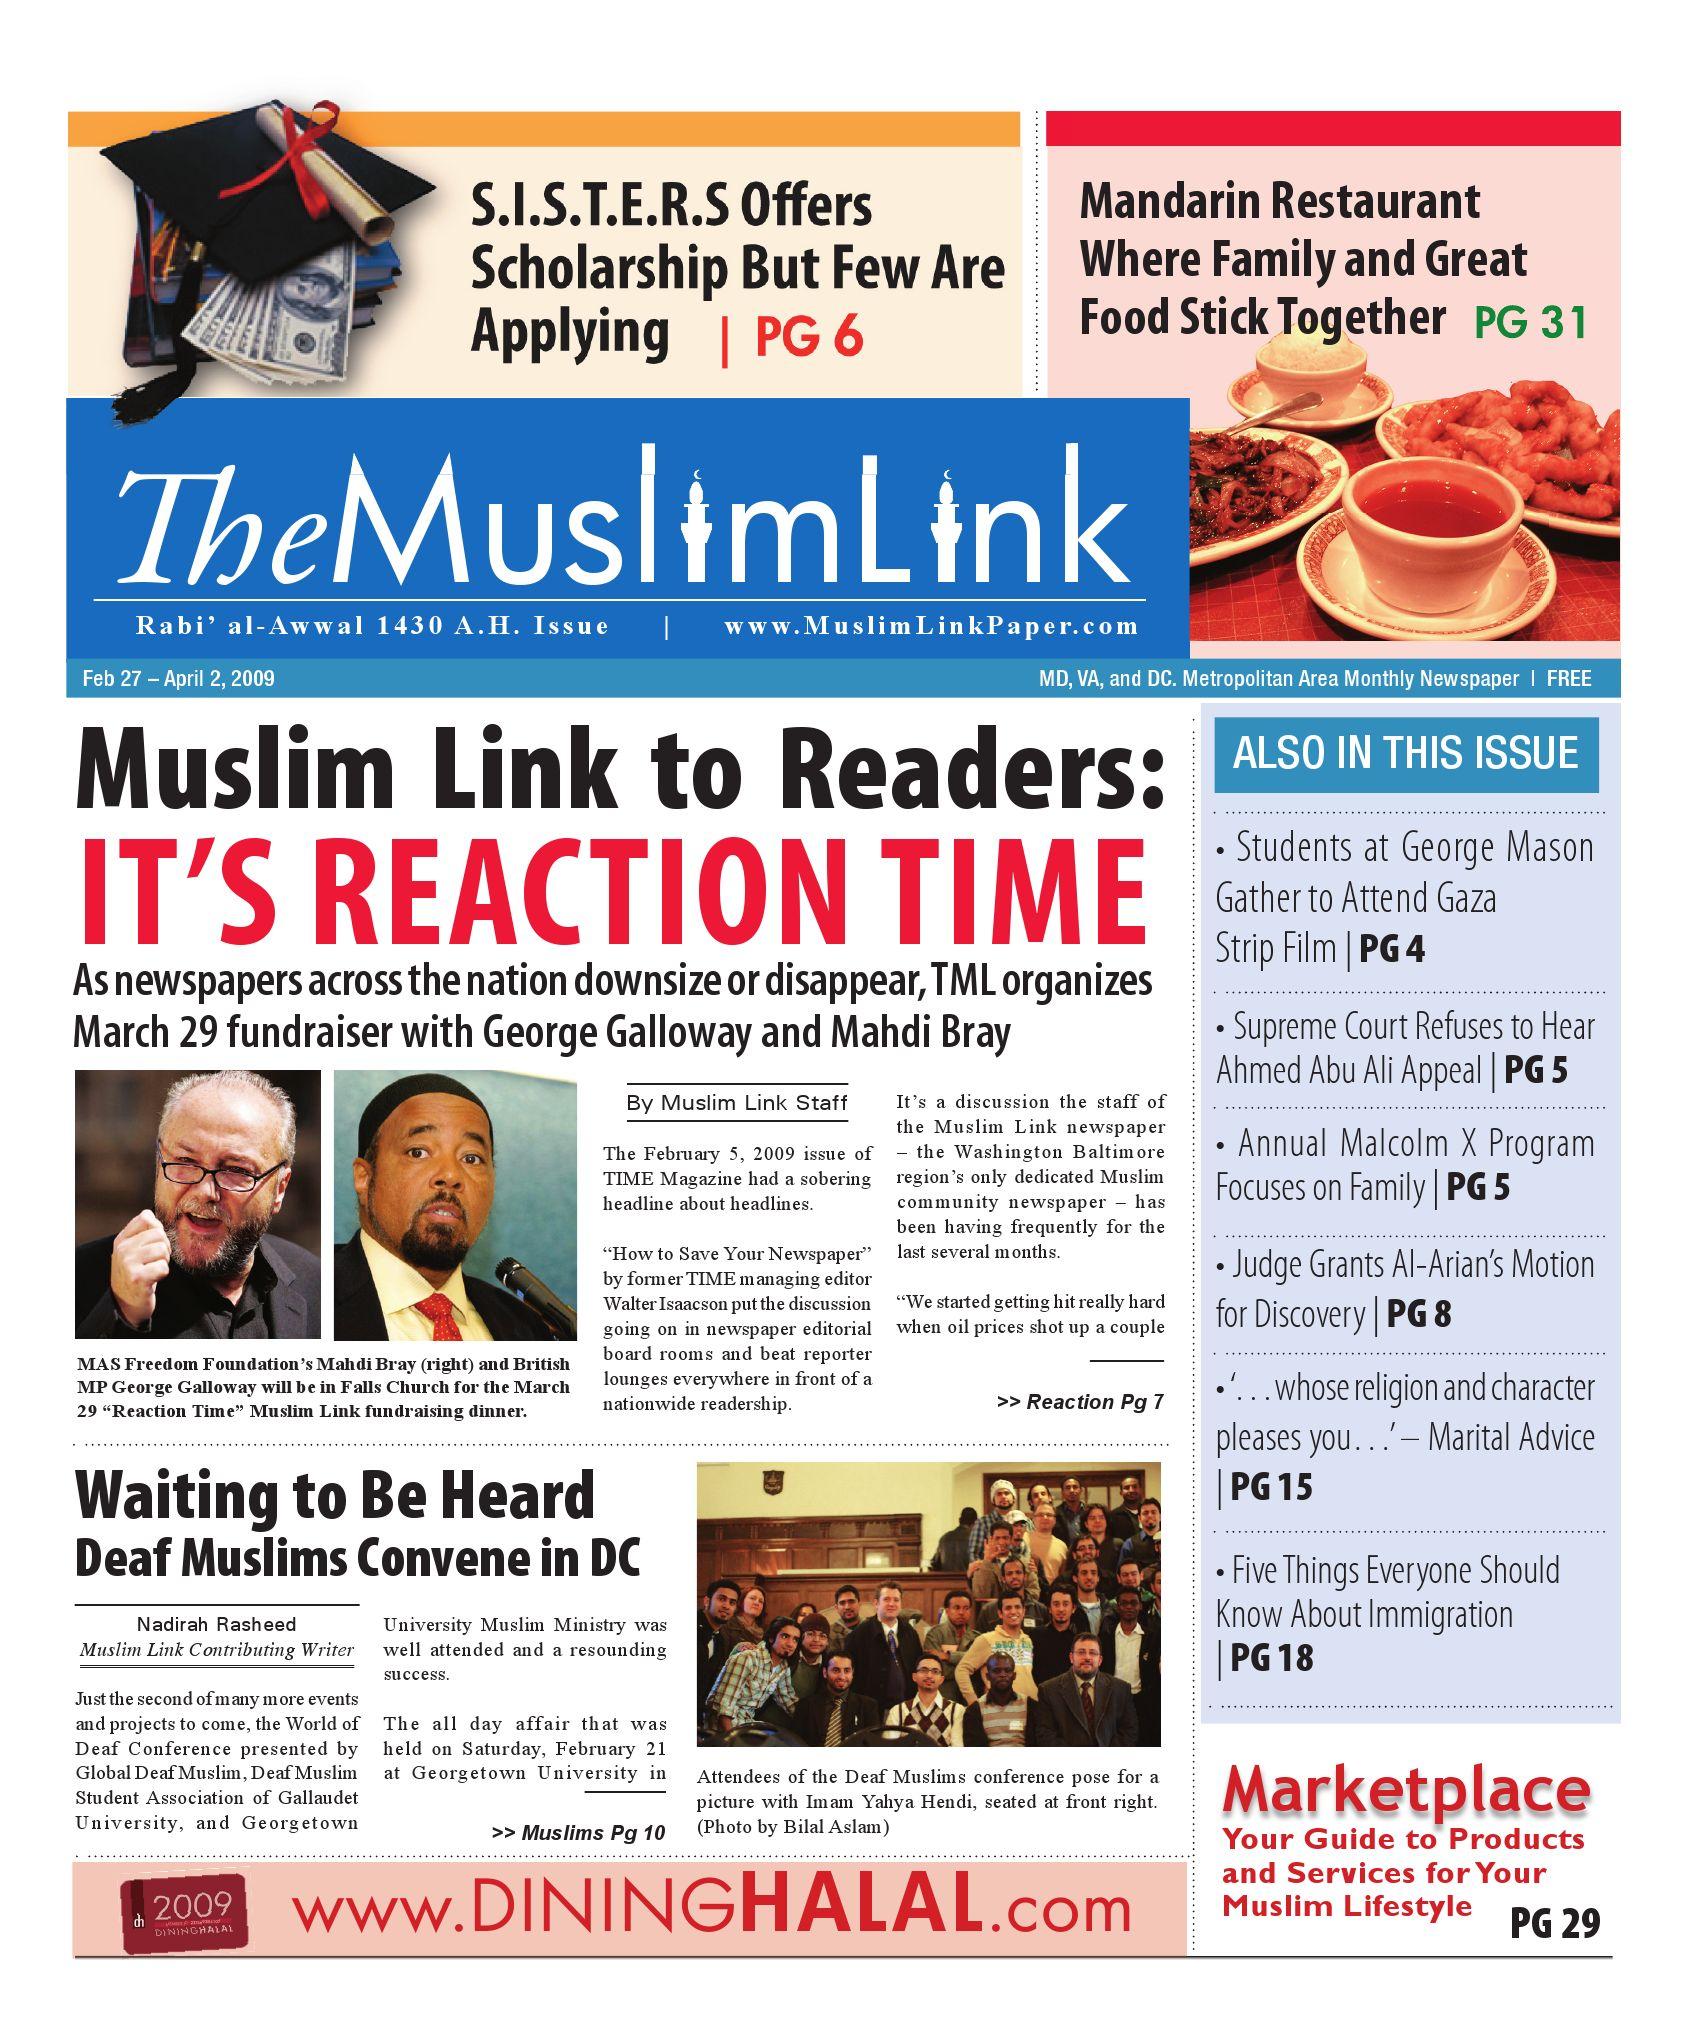 The Muslim Link - Rabi' al-Awwal 1430 - 02/27/09 by The Muslim Link